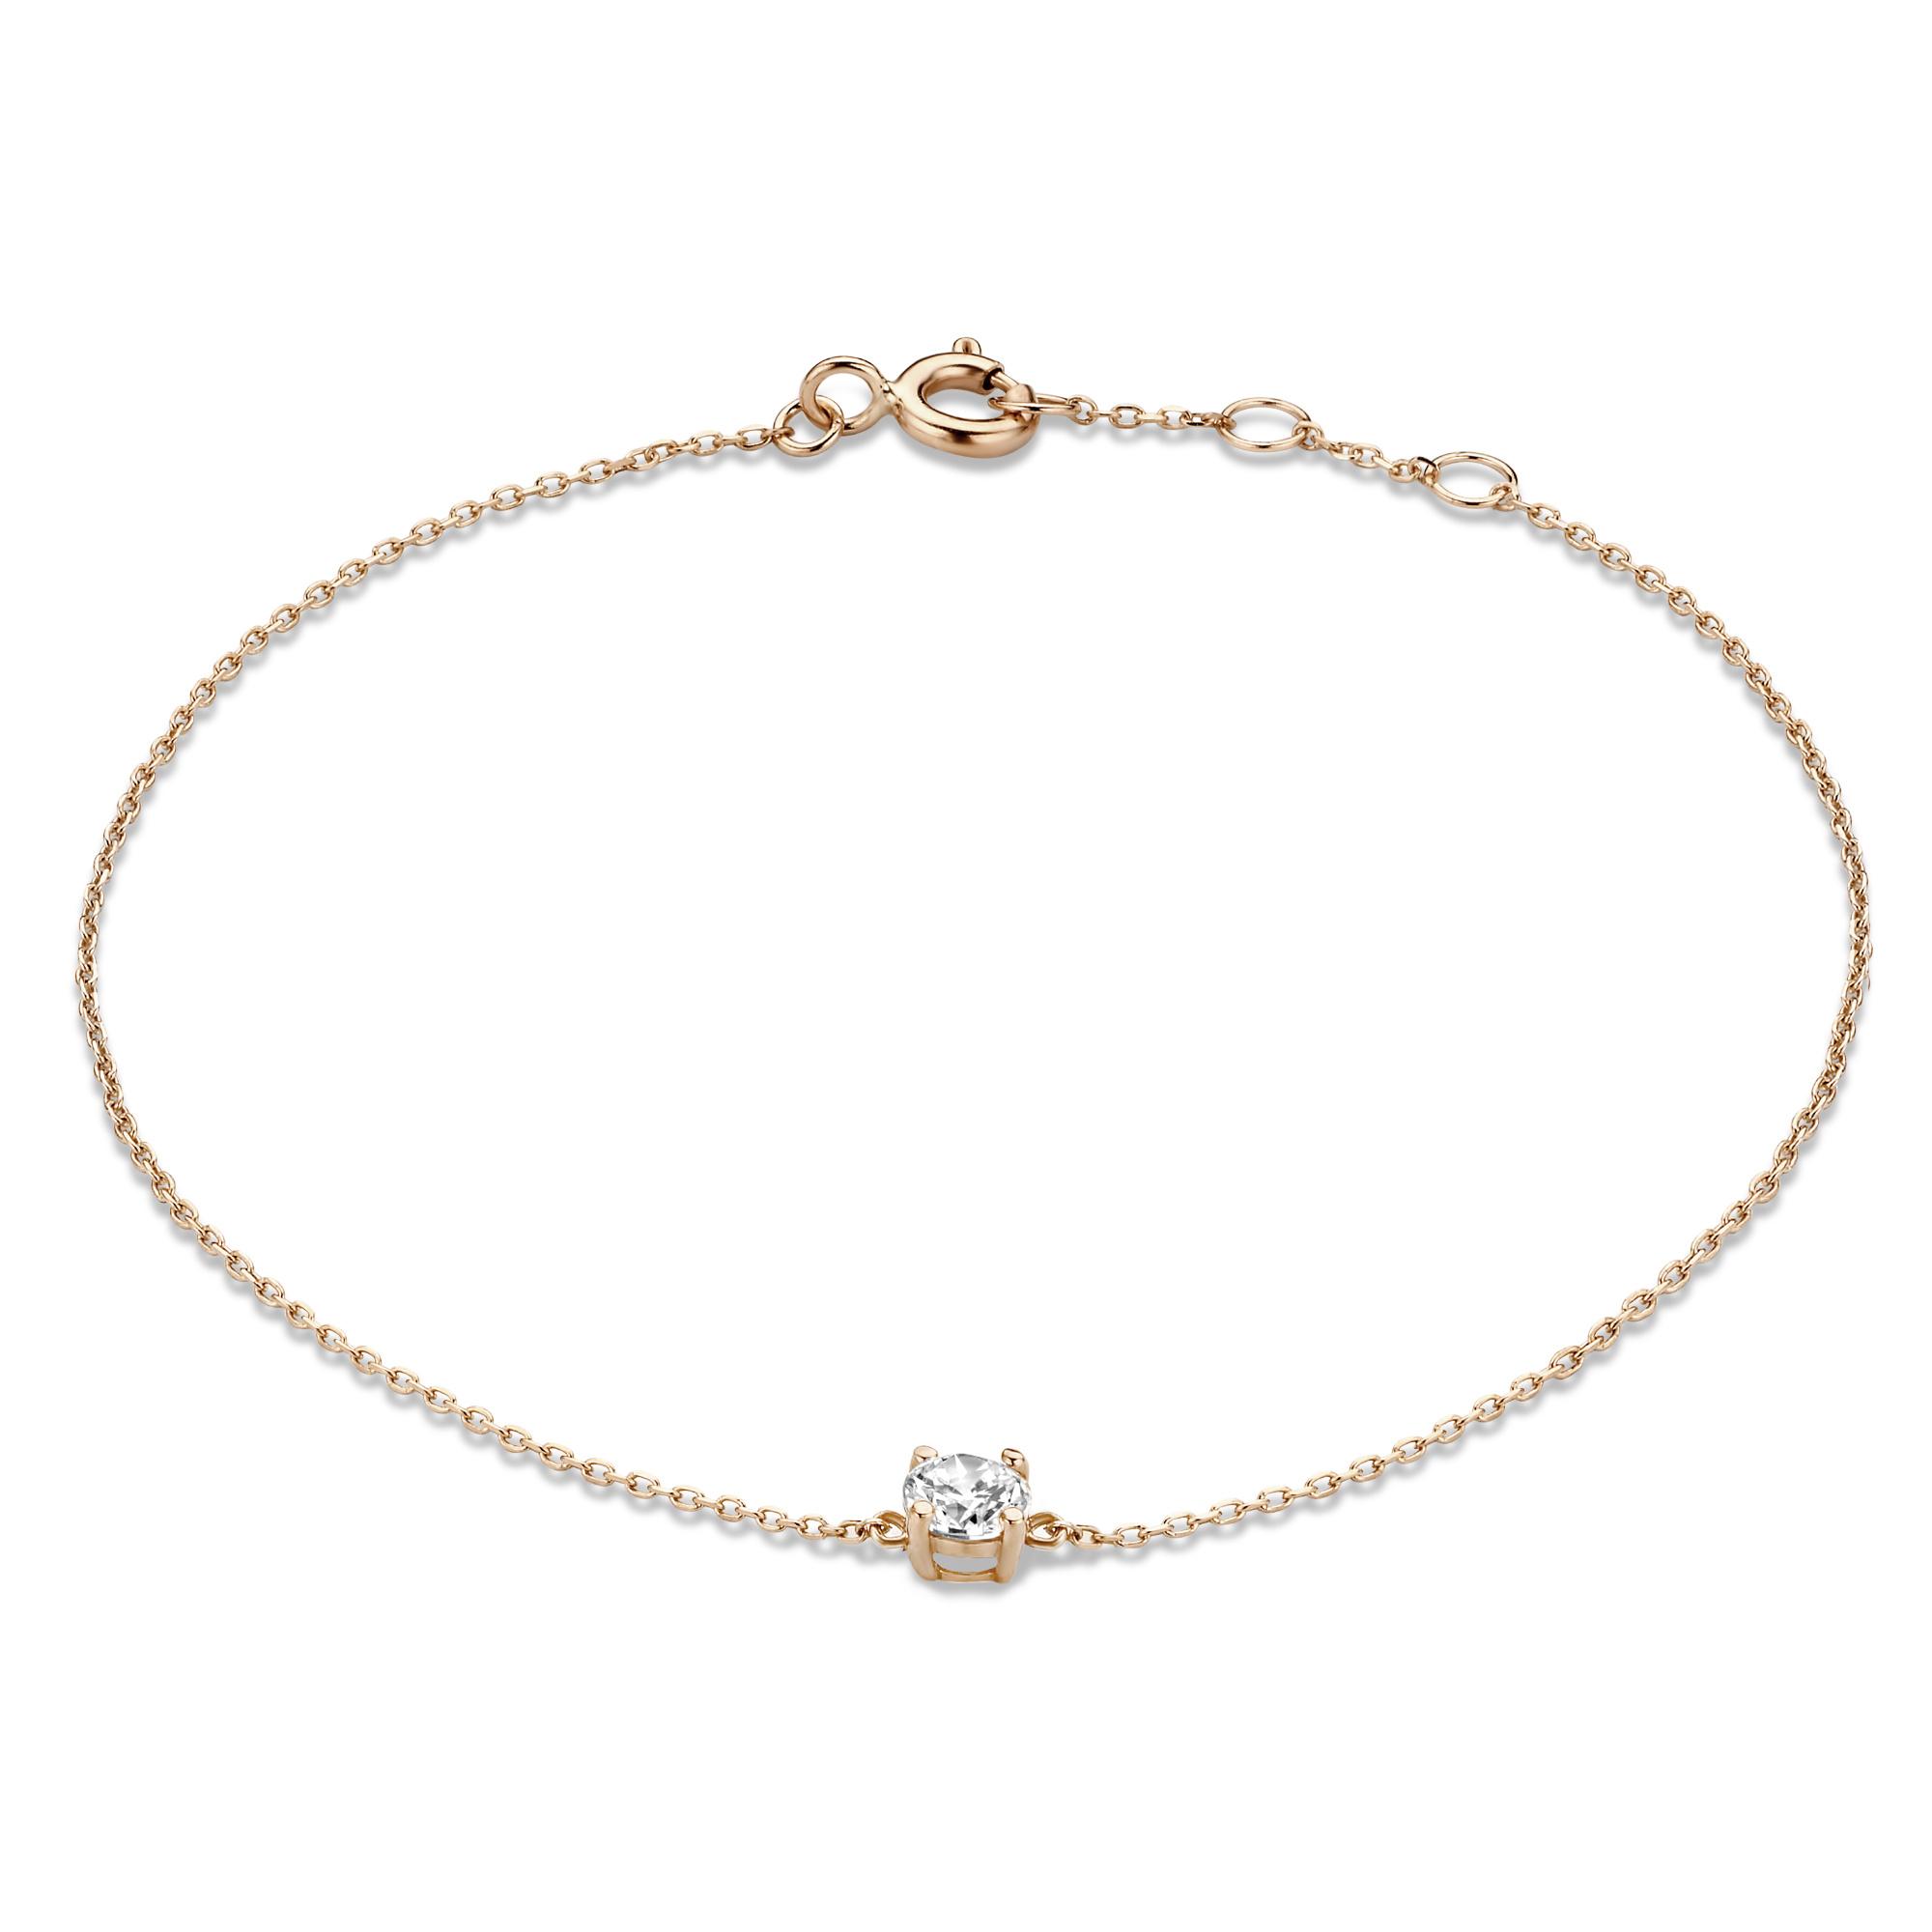 Isabel Bernard La Concorde Apolline 14 karaat rosé gouden armband met zirkonia